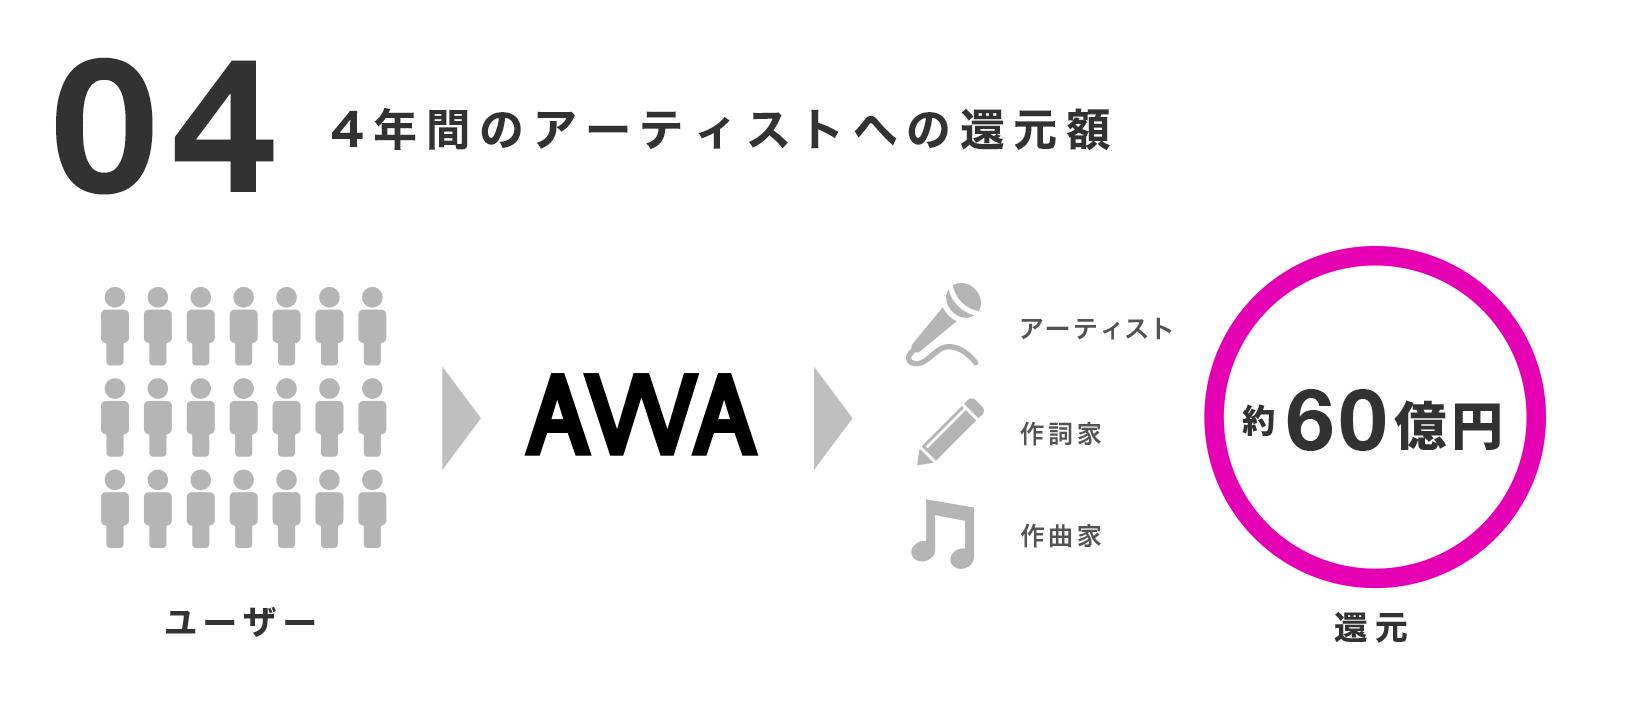 20190527_数字で見るAWA_CApress_挿入が画像04_アーティスト還元.png